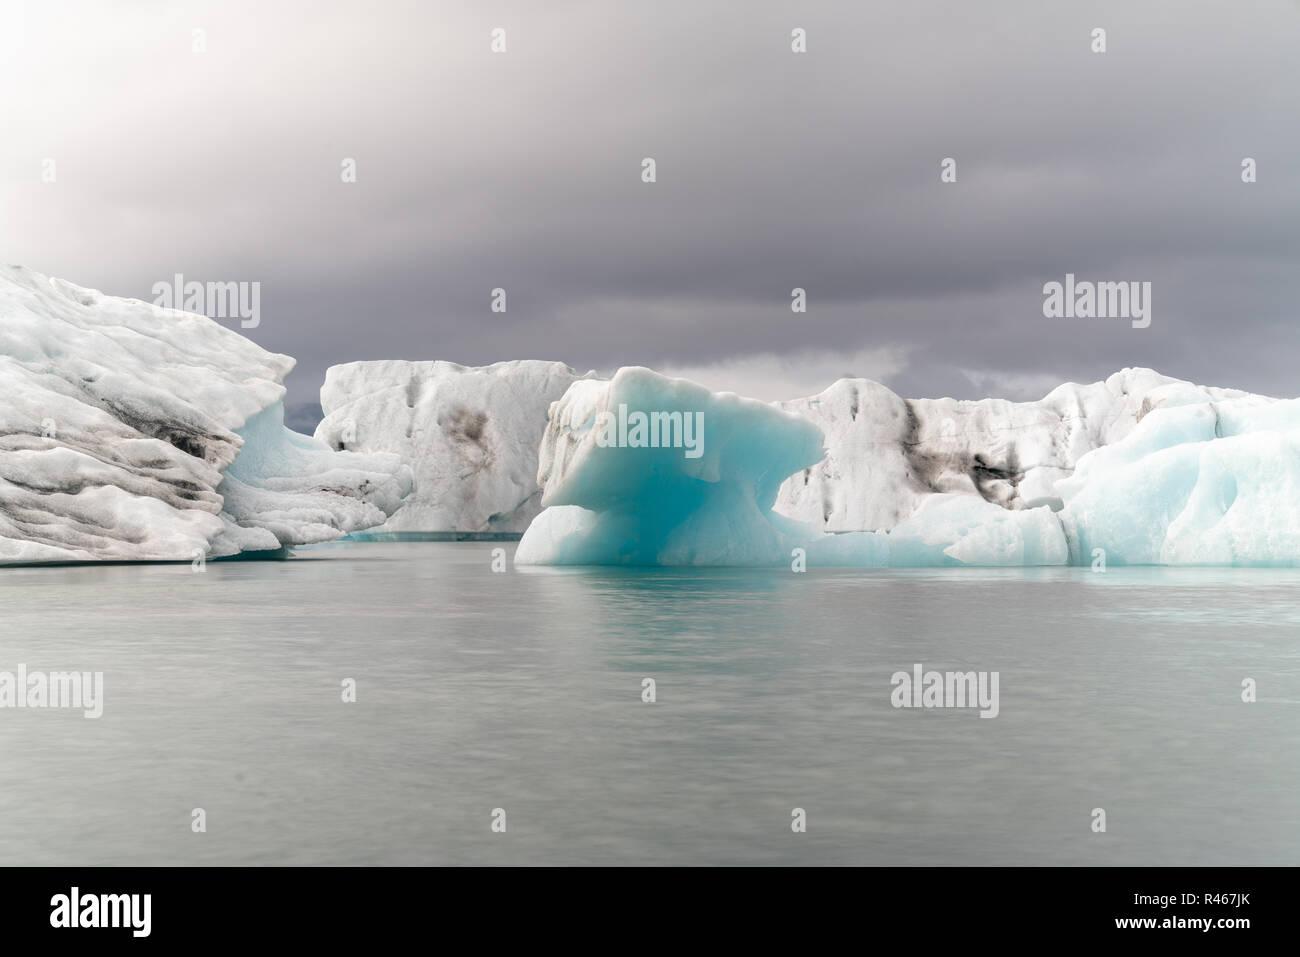 iceberg in ice lagoon - Jokulsarlon, Iceland - Stock Image